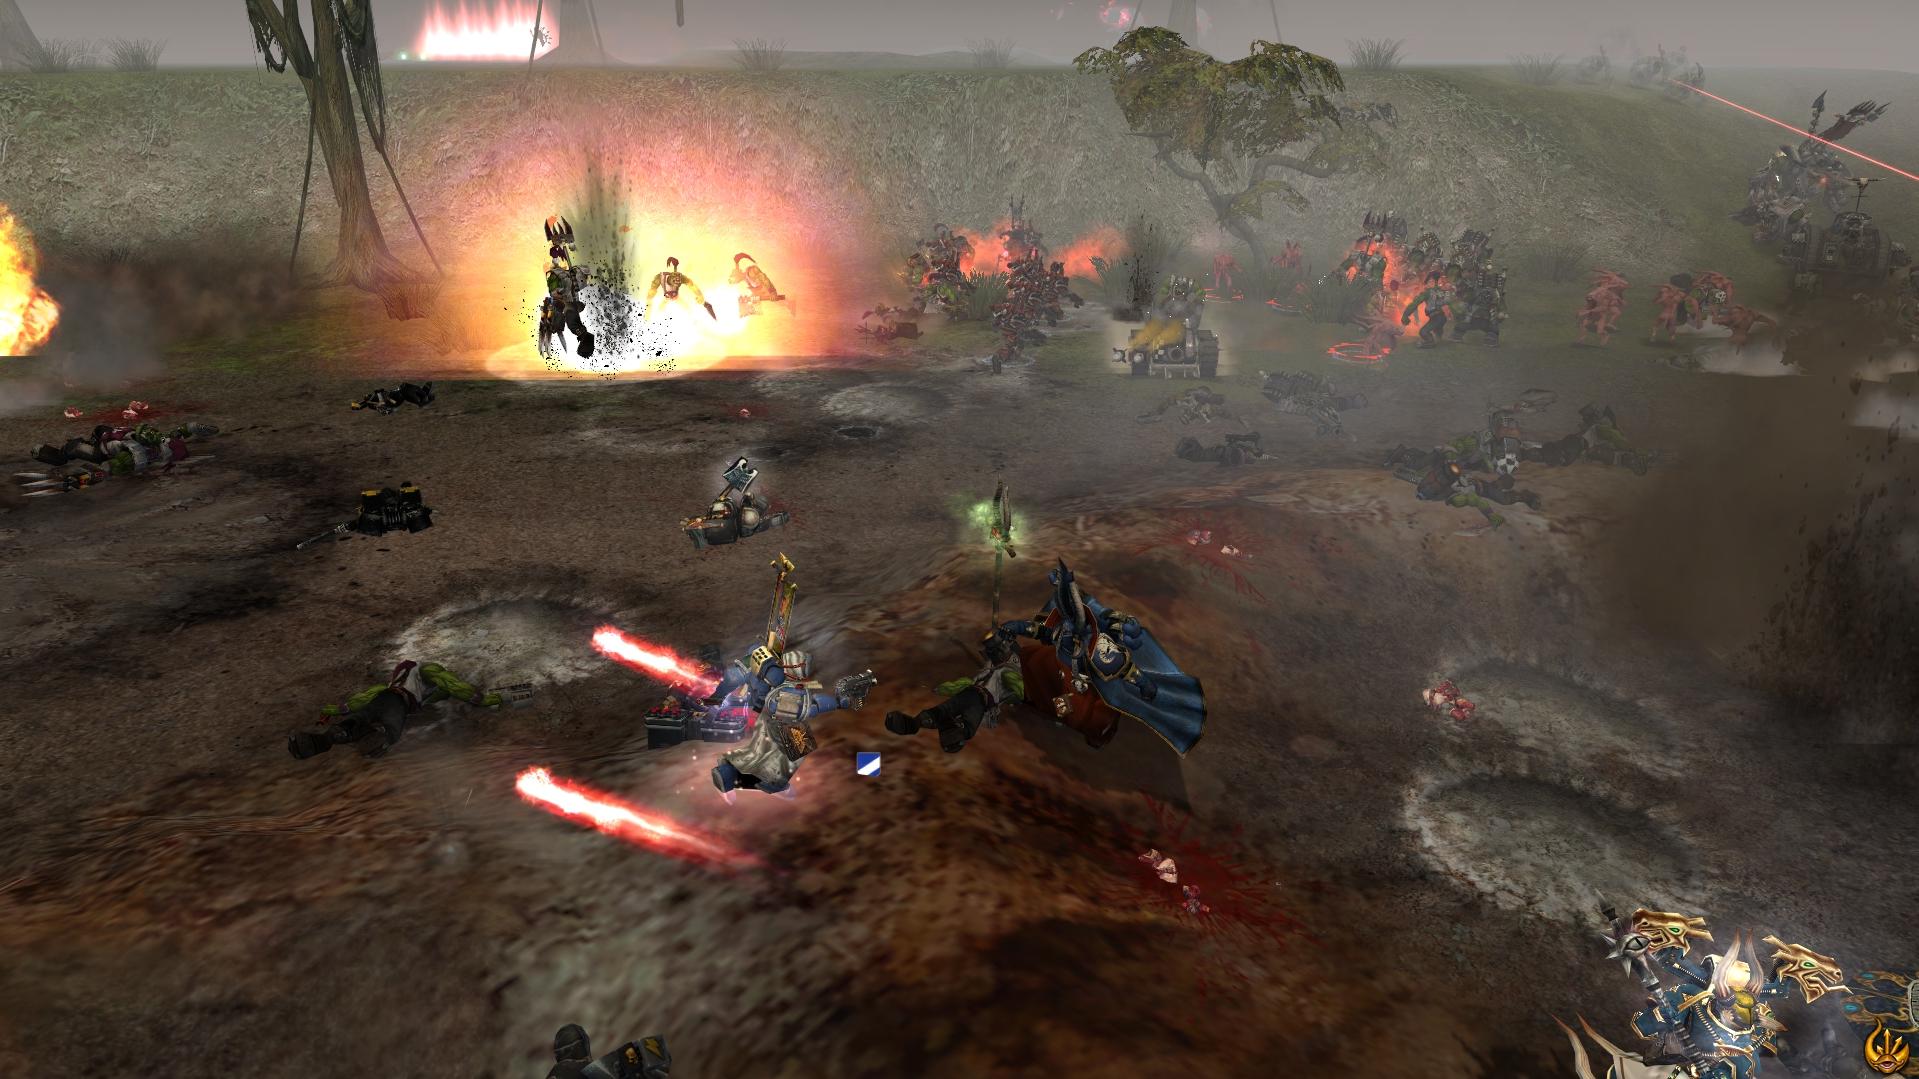 ПОМОГИТЗЫКОМ! : Warhammer 40,000: Dawn of War 4